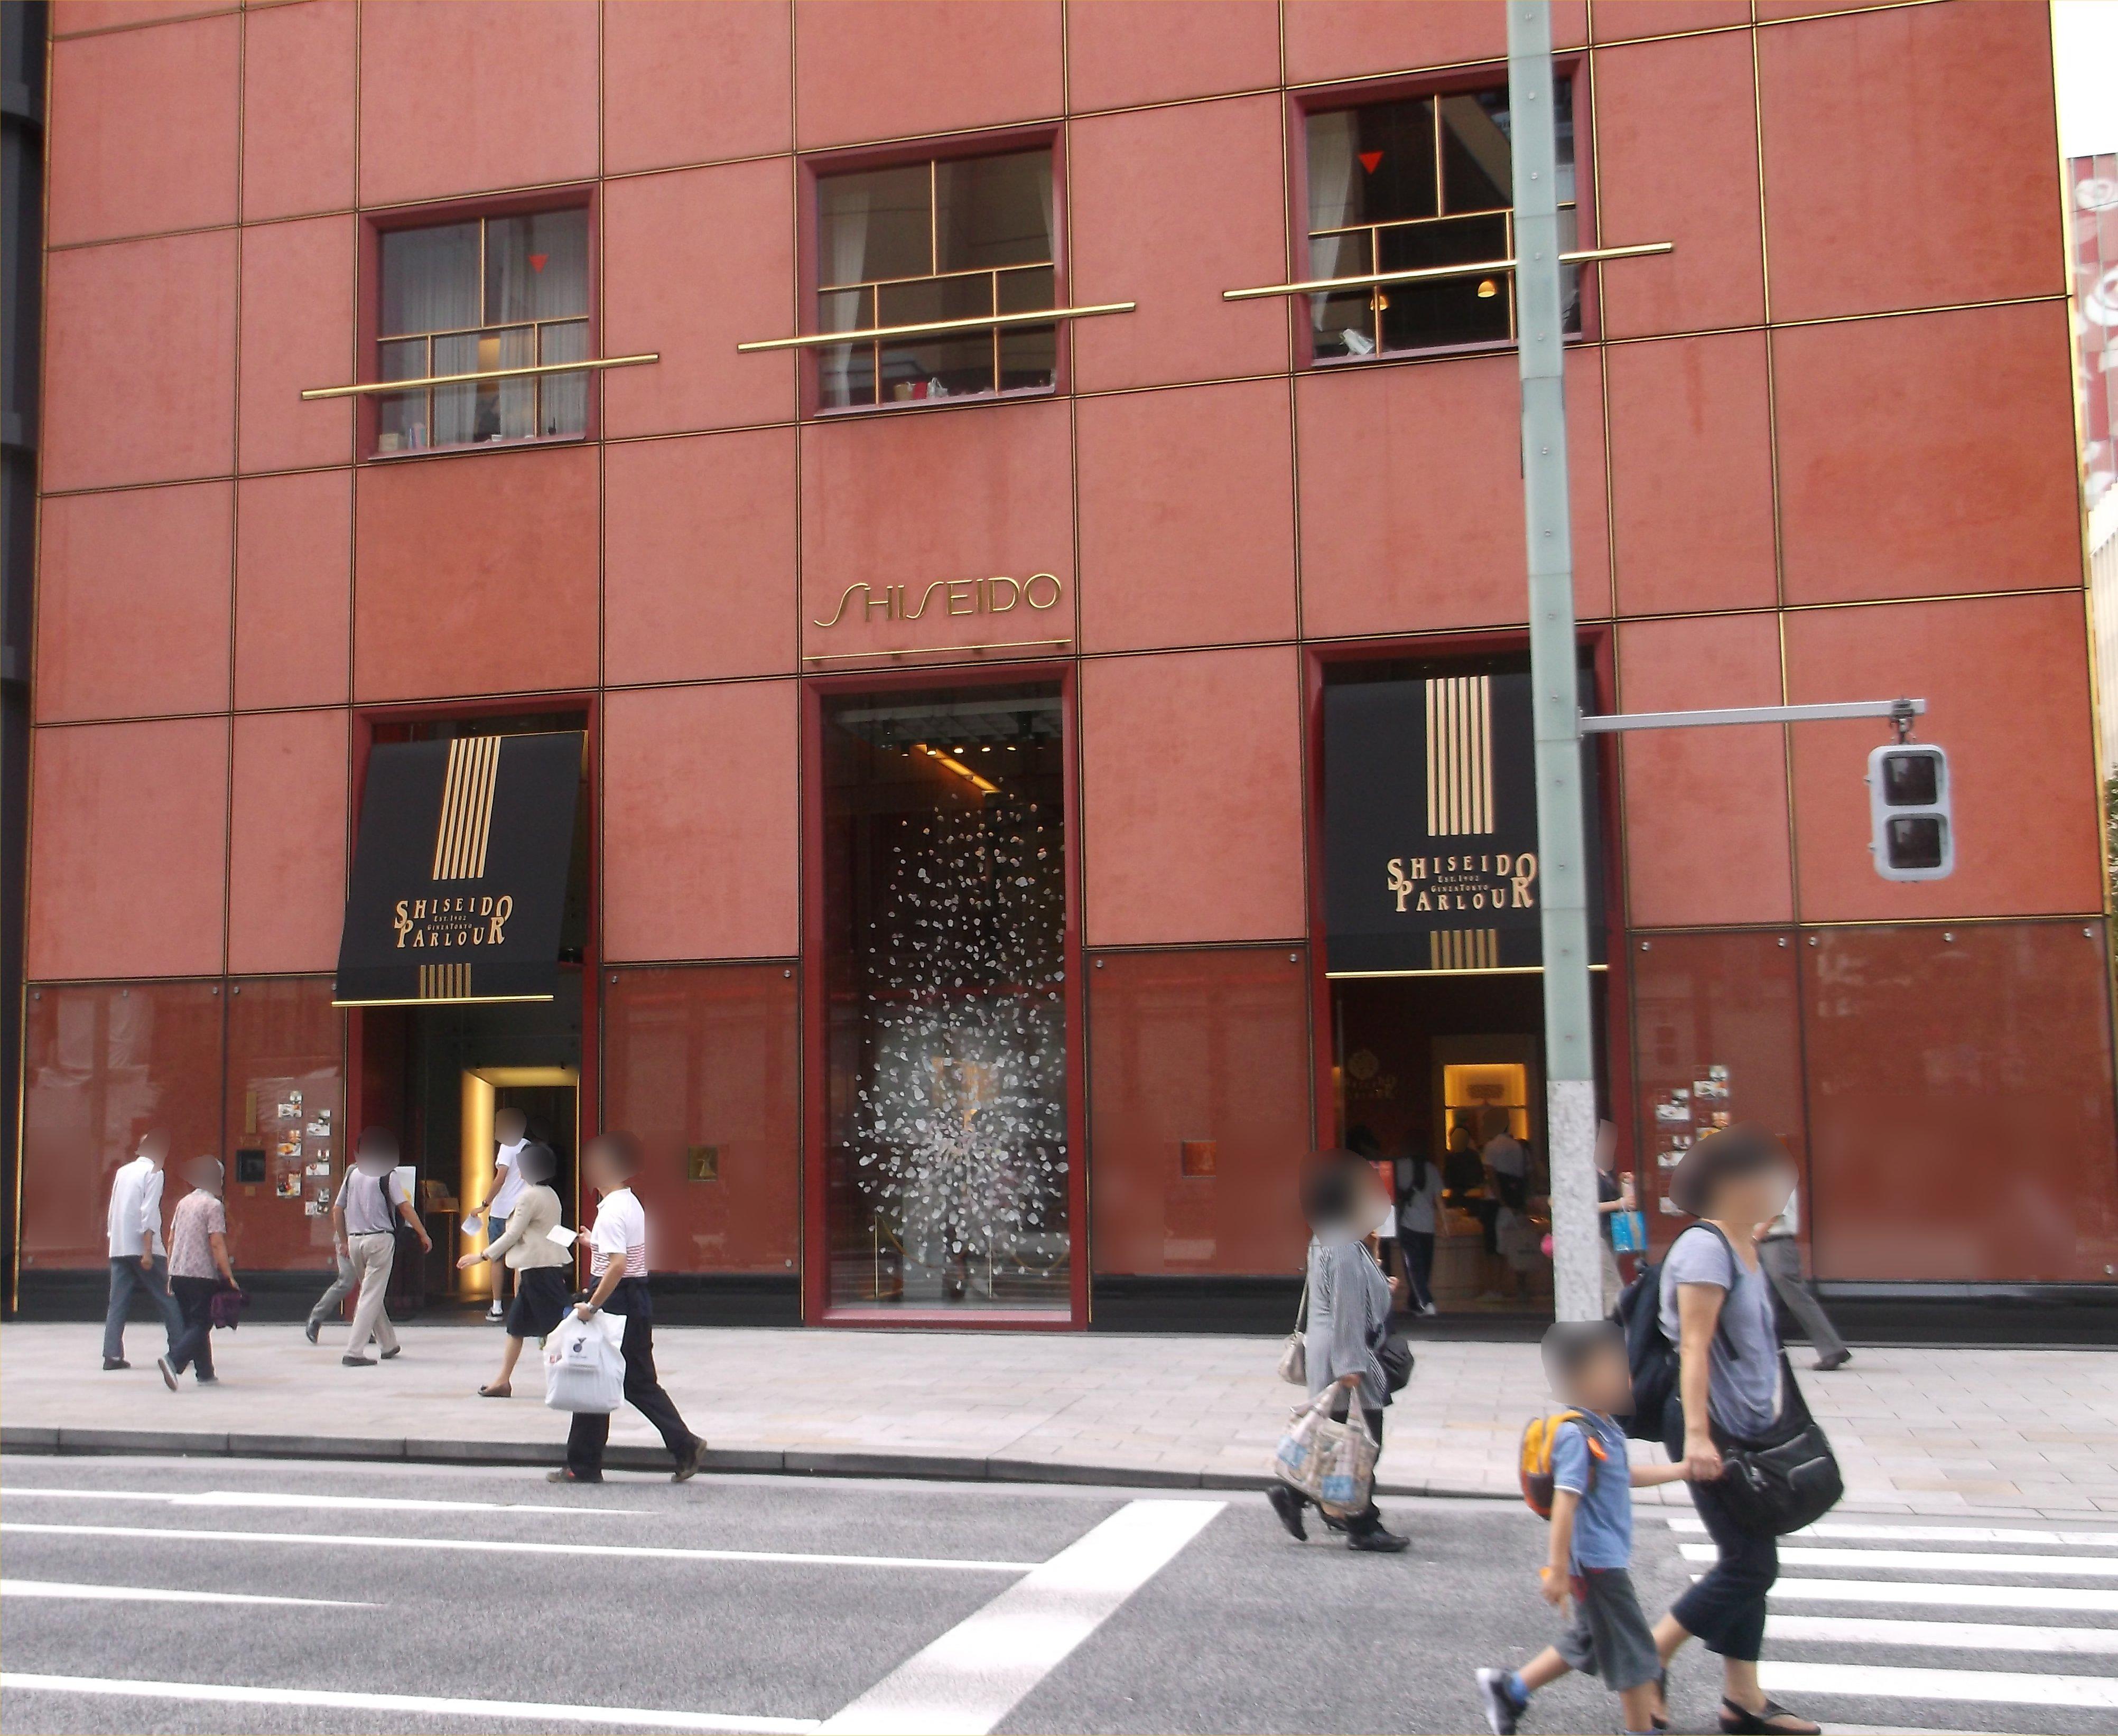 Shiseido parlour ginza tokyo 2014